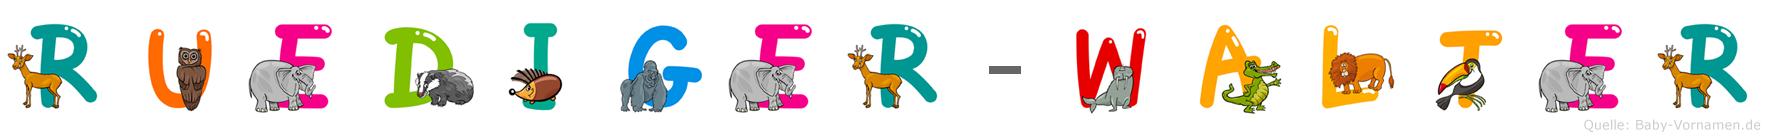 Rüdiger-Walter im Tieralphabet